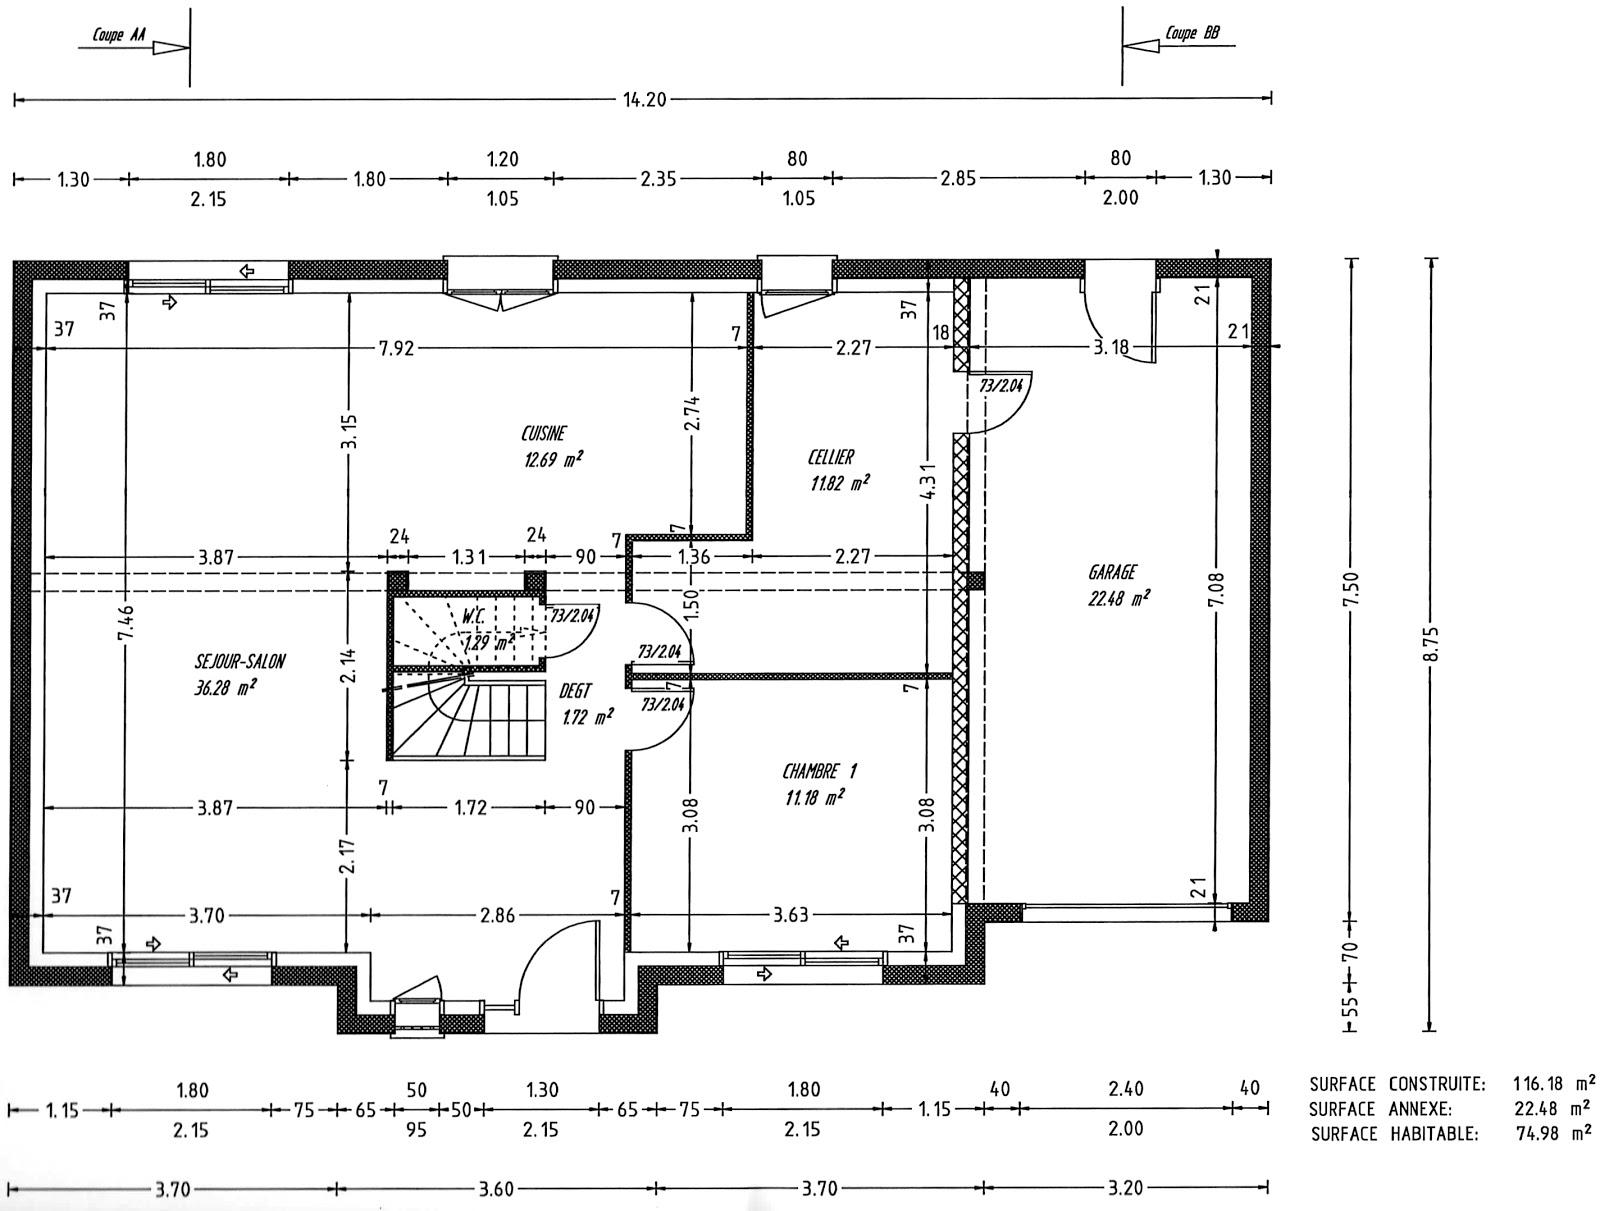 tuile huguenot hp13 aulnay sous bois taux horaire moyen artisan peintre entreprise rrkhgn. Black Bedroom Furniture Sets. Home Design Ideas